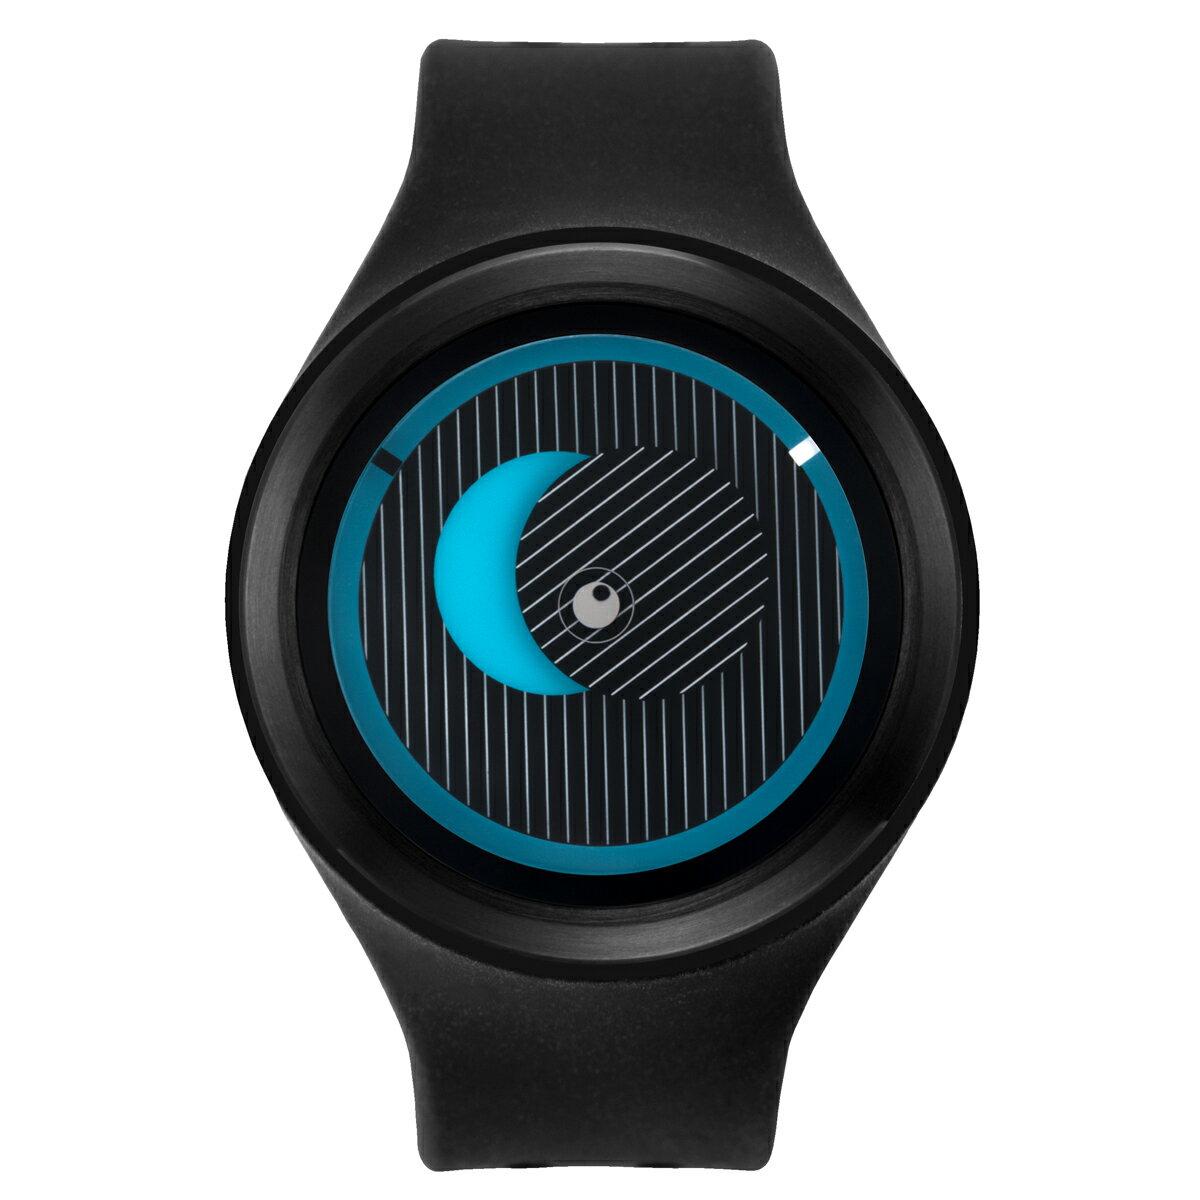 ZEROO SECRET UNIVERSE ゼロ 電池式クォーツ 腕時計 [W00501B03SR02] ブラック デザインウォッチ ペア用 メンズ レディース ユニセックス おしゃれ時計 デザイナーズ